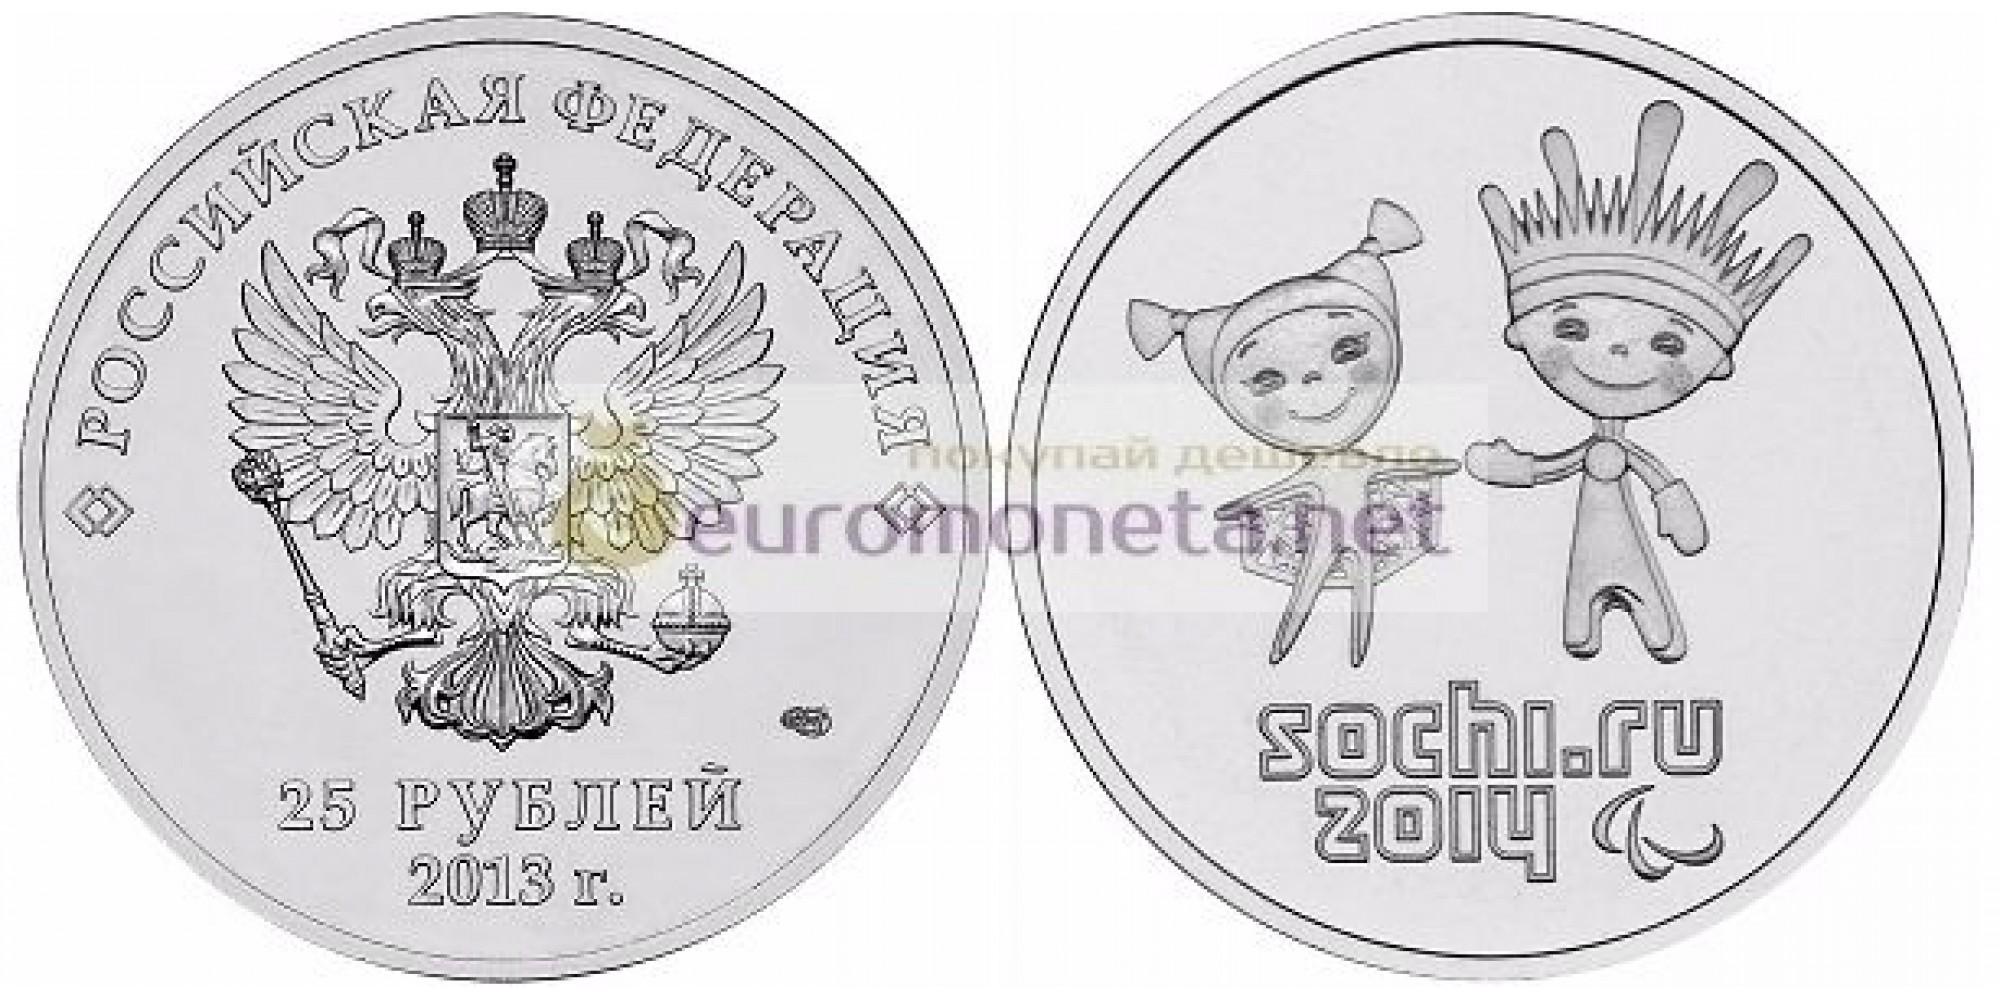 25 рублей 2013 год XXII Олимпийские зимние игры и XI Паралимпийские зимние игры 2014 года в г. Сочи